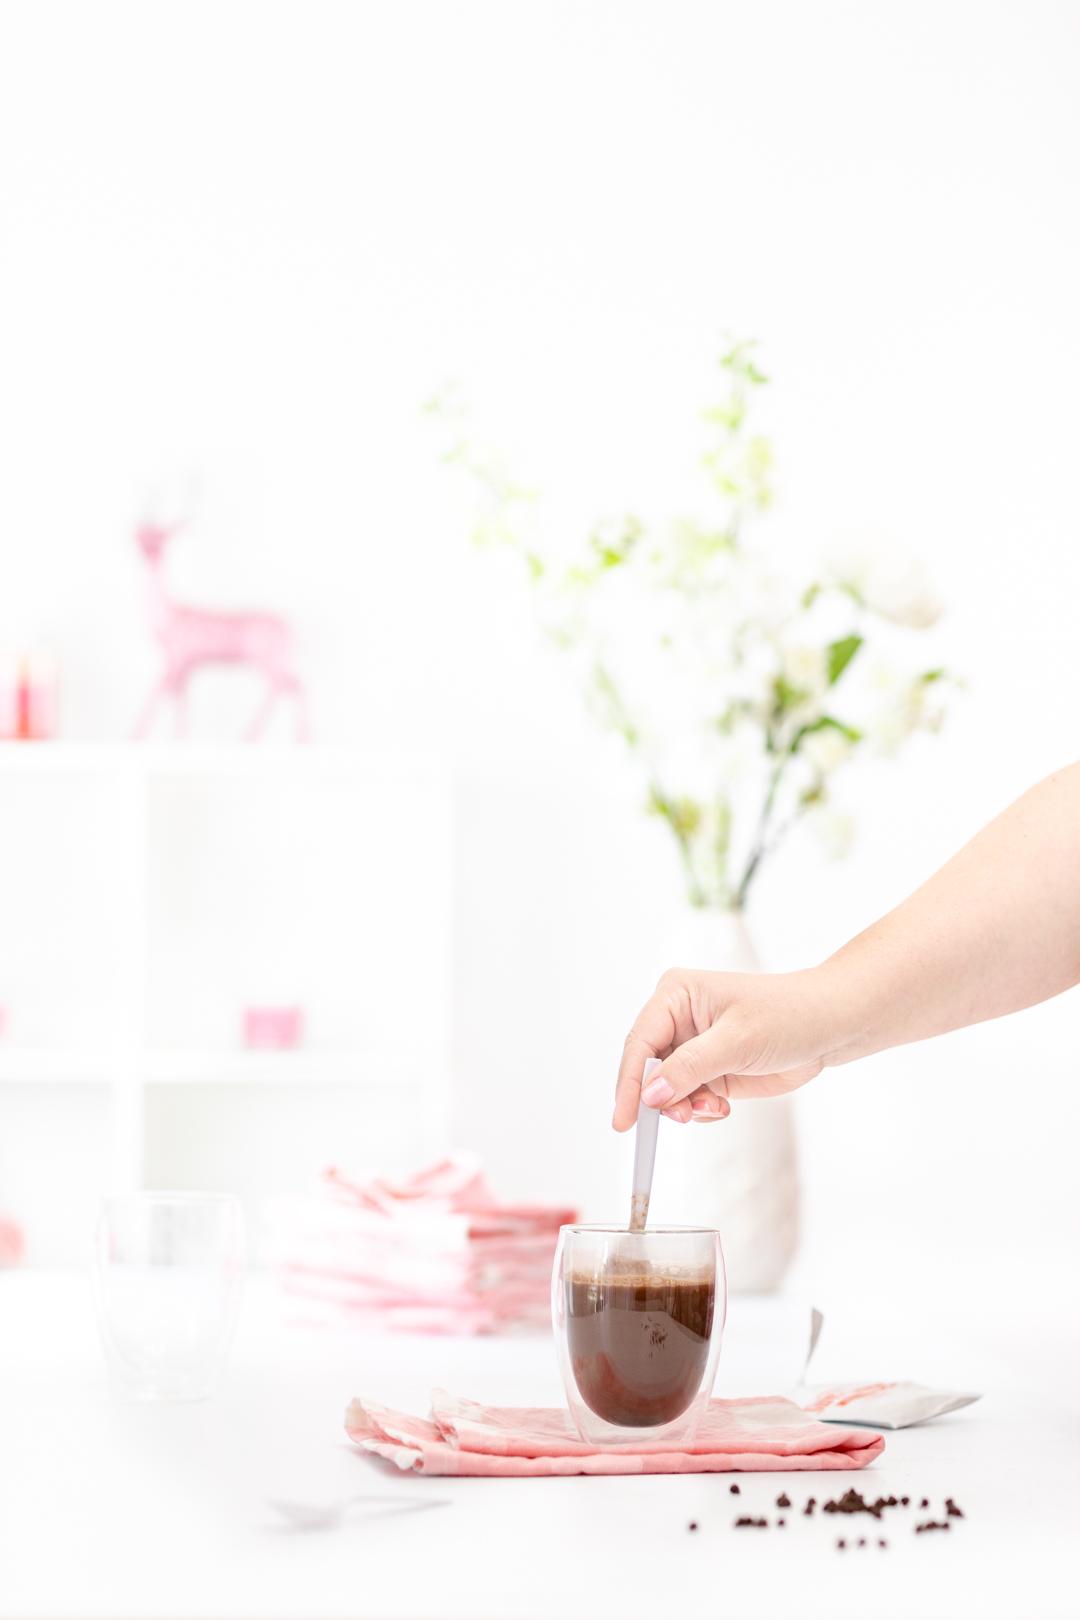 Stirring a mug of hot cocoa